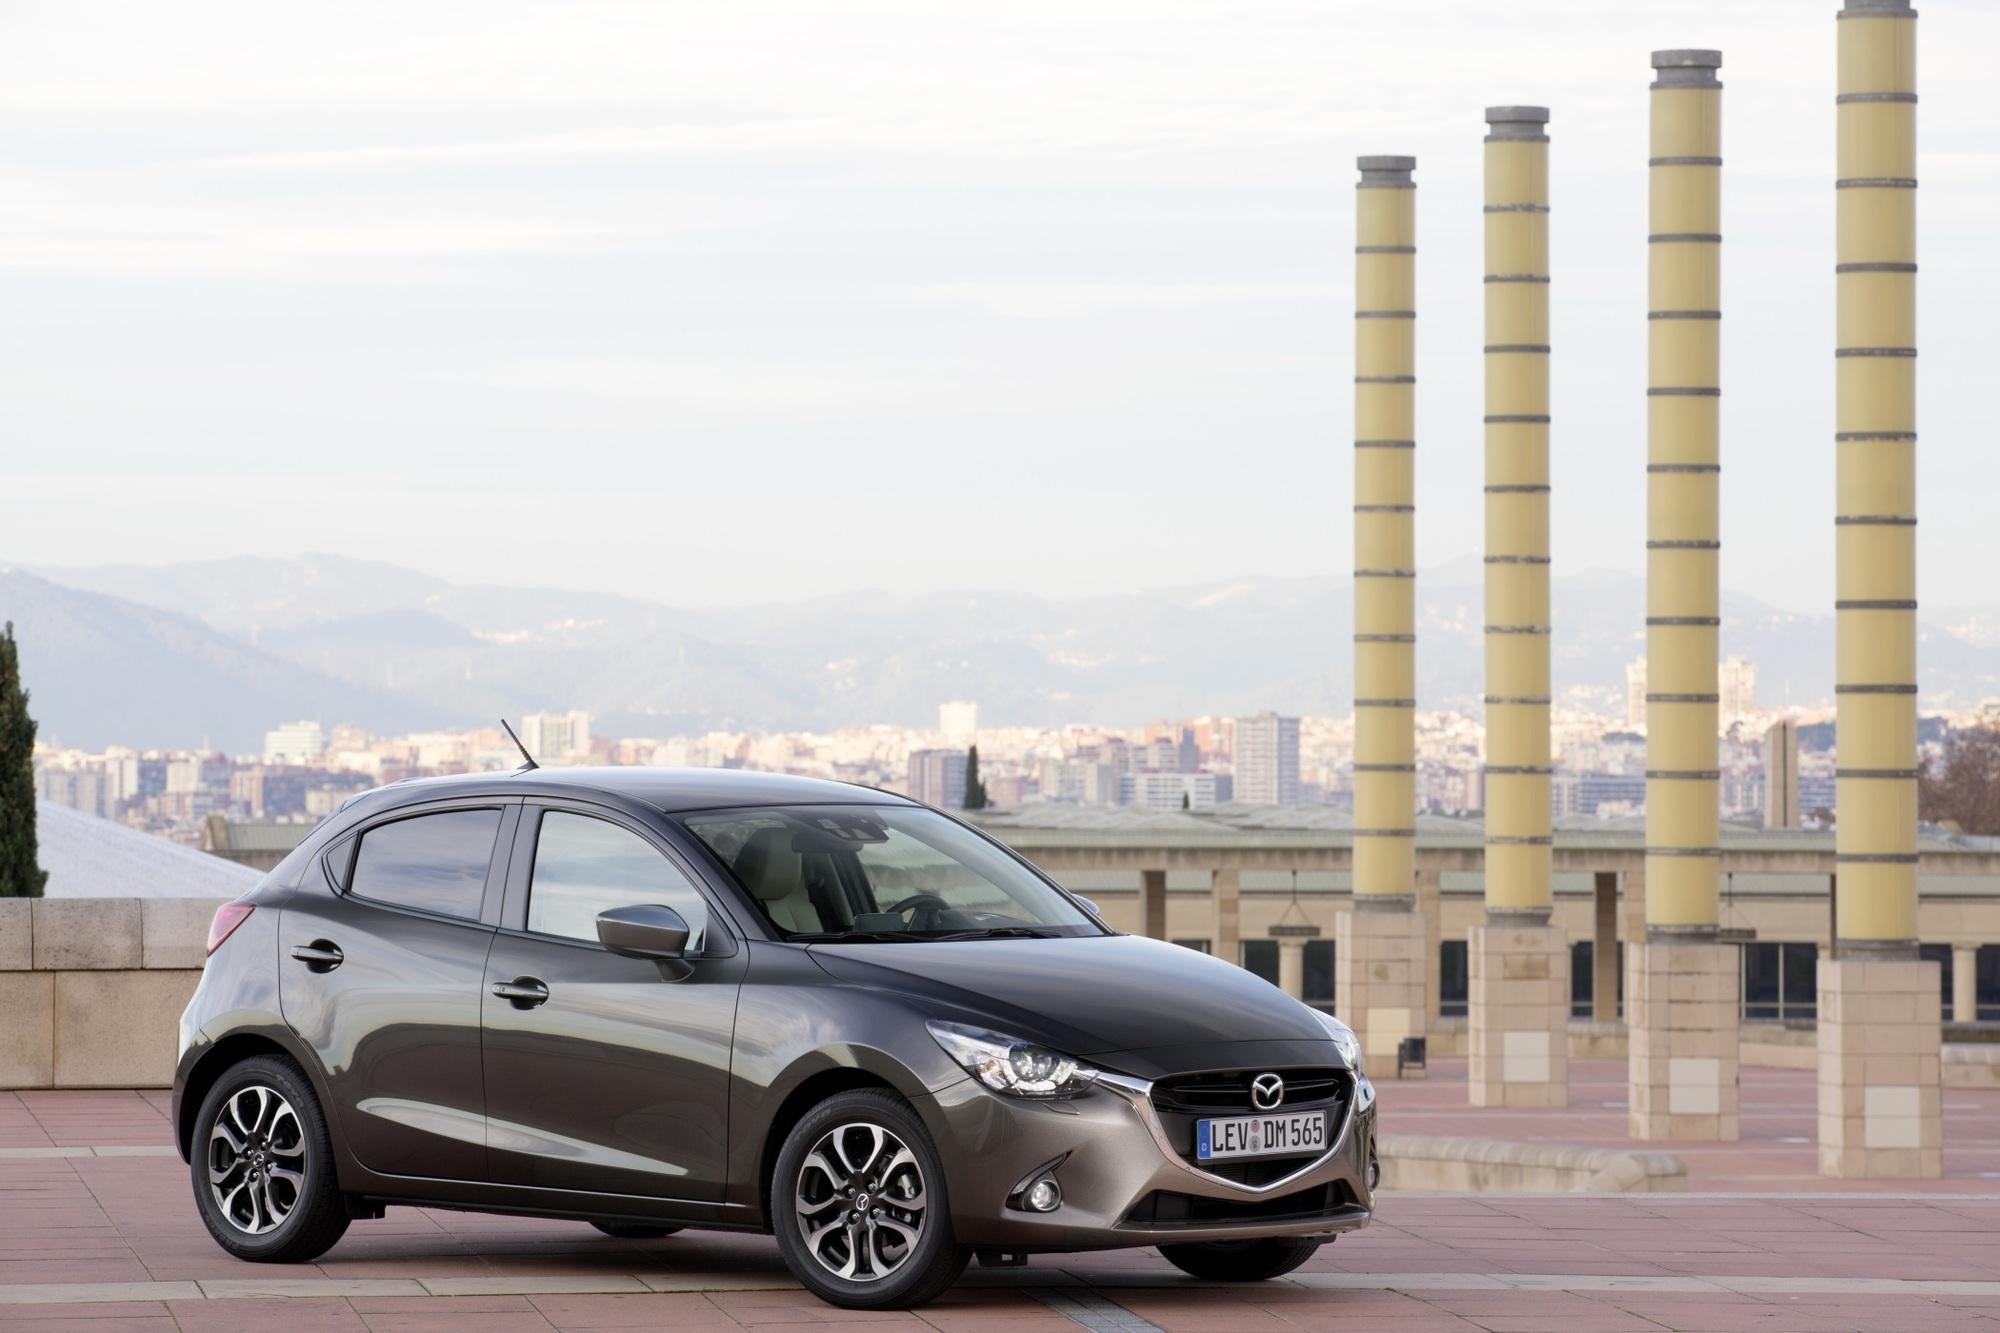 Fahrbericht: Mazda2 - Mit Anspruch nach oben